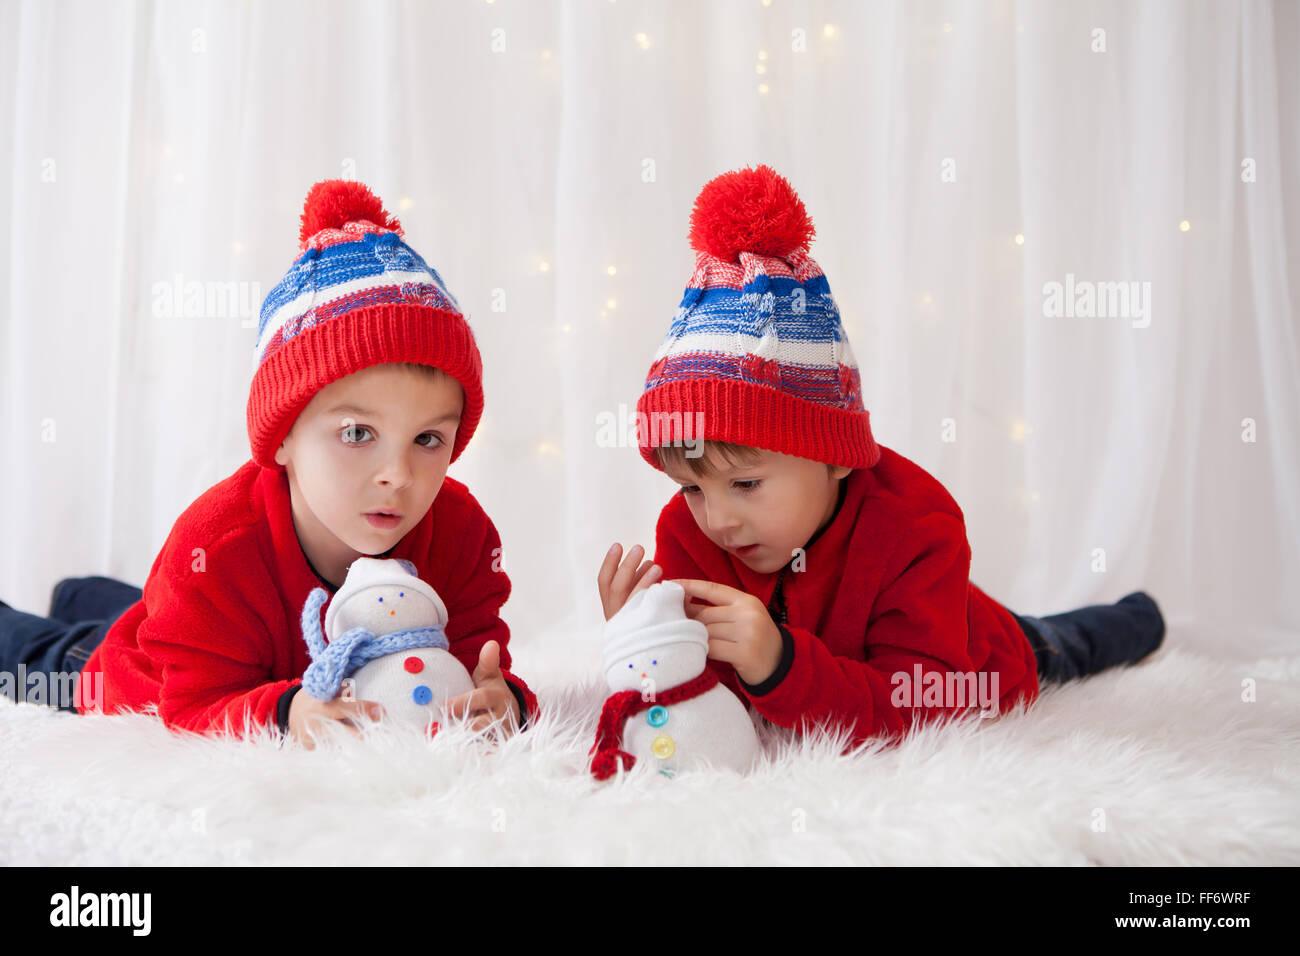 Süße Kinder, Bruder Jungen spielen mit handgefertigten Schneemänner zu Hause Weihnachtsbeleuchtung Stockbild